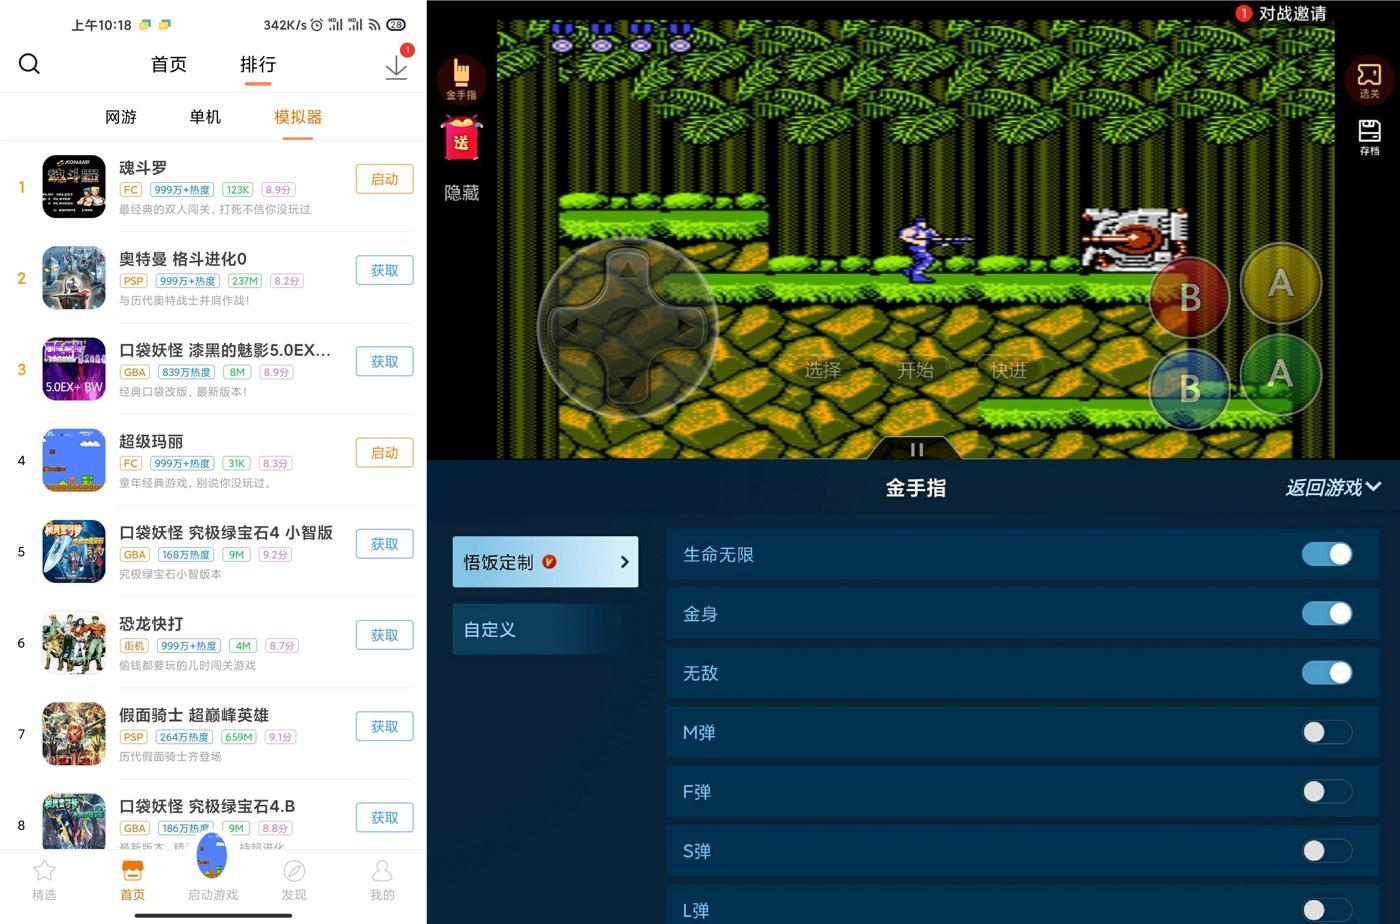 安卓悟饭游戏厅v4.7绿化版